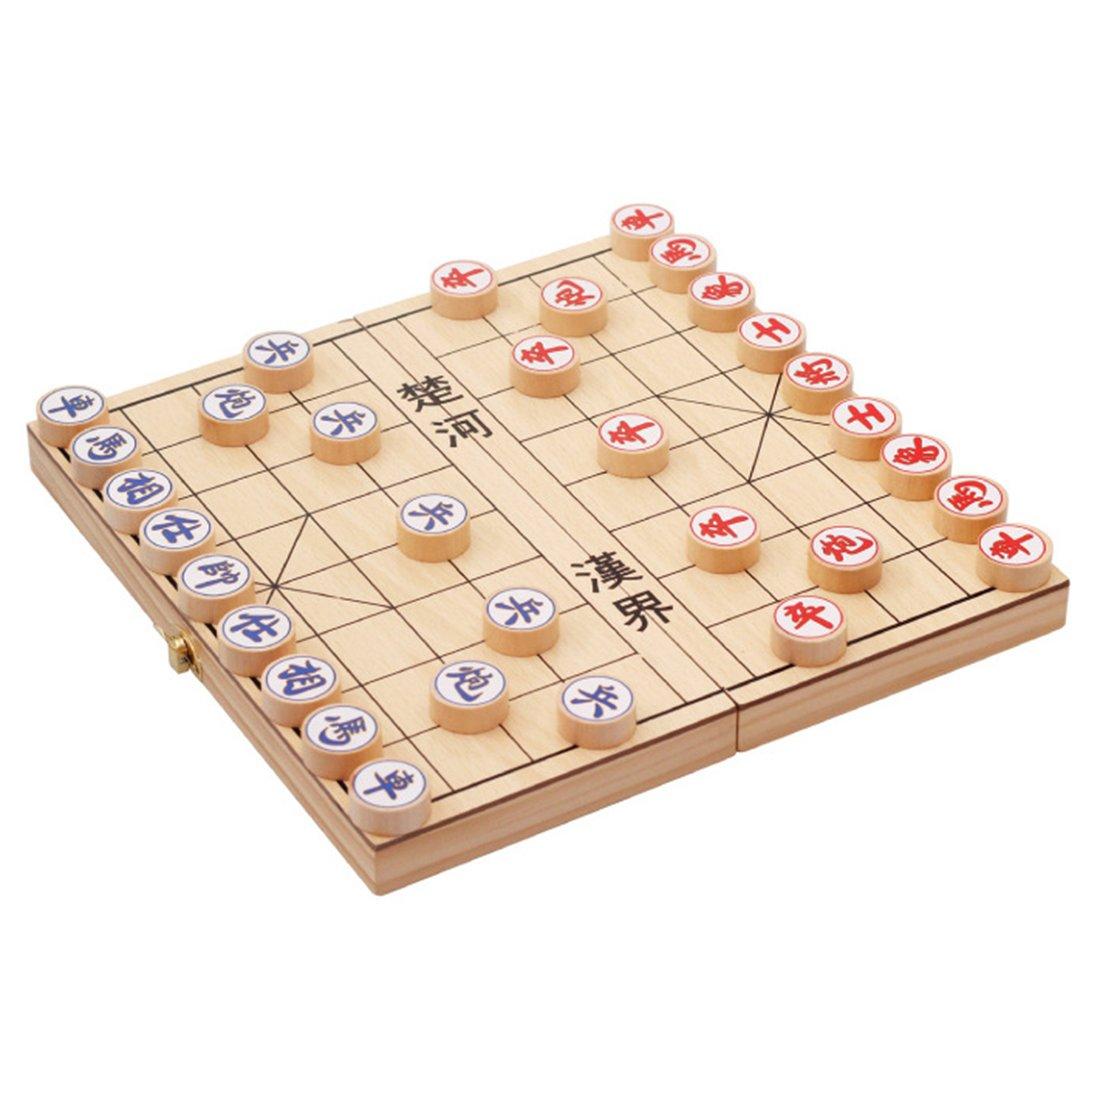 Traditional Wooden Xiang Qi Chinese Chess Checker Game W2015 juanxian